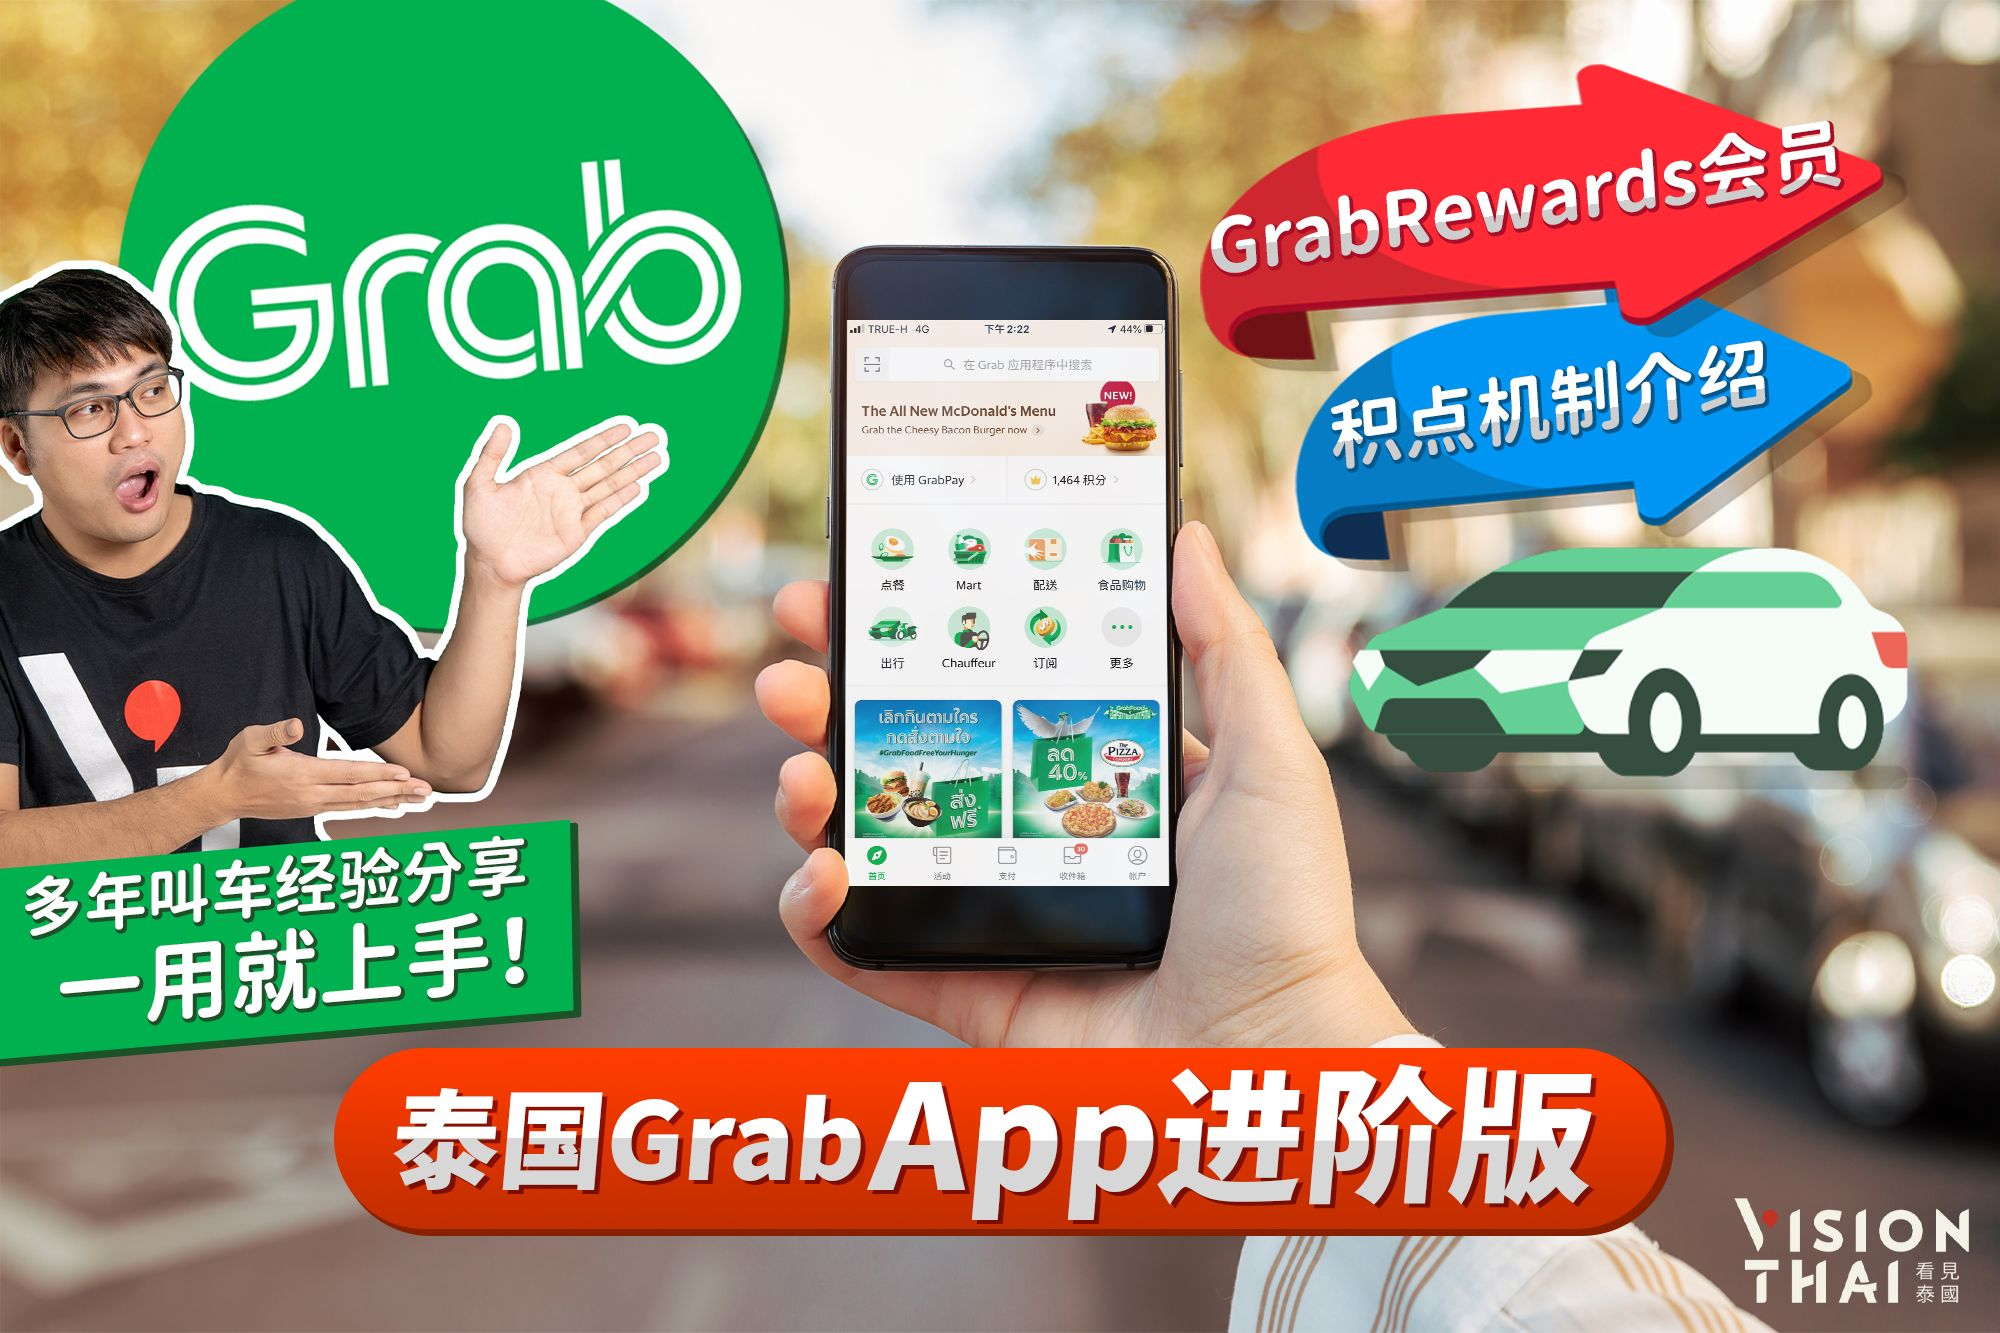 泰国Grab App进阶使用教学|GrabRewards会员积点机制介绍